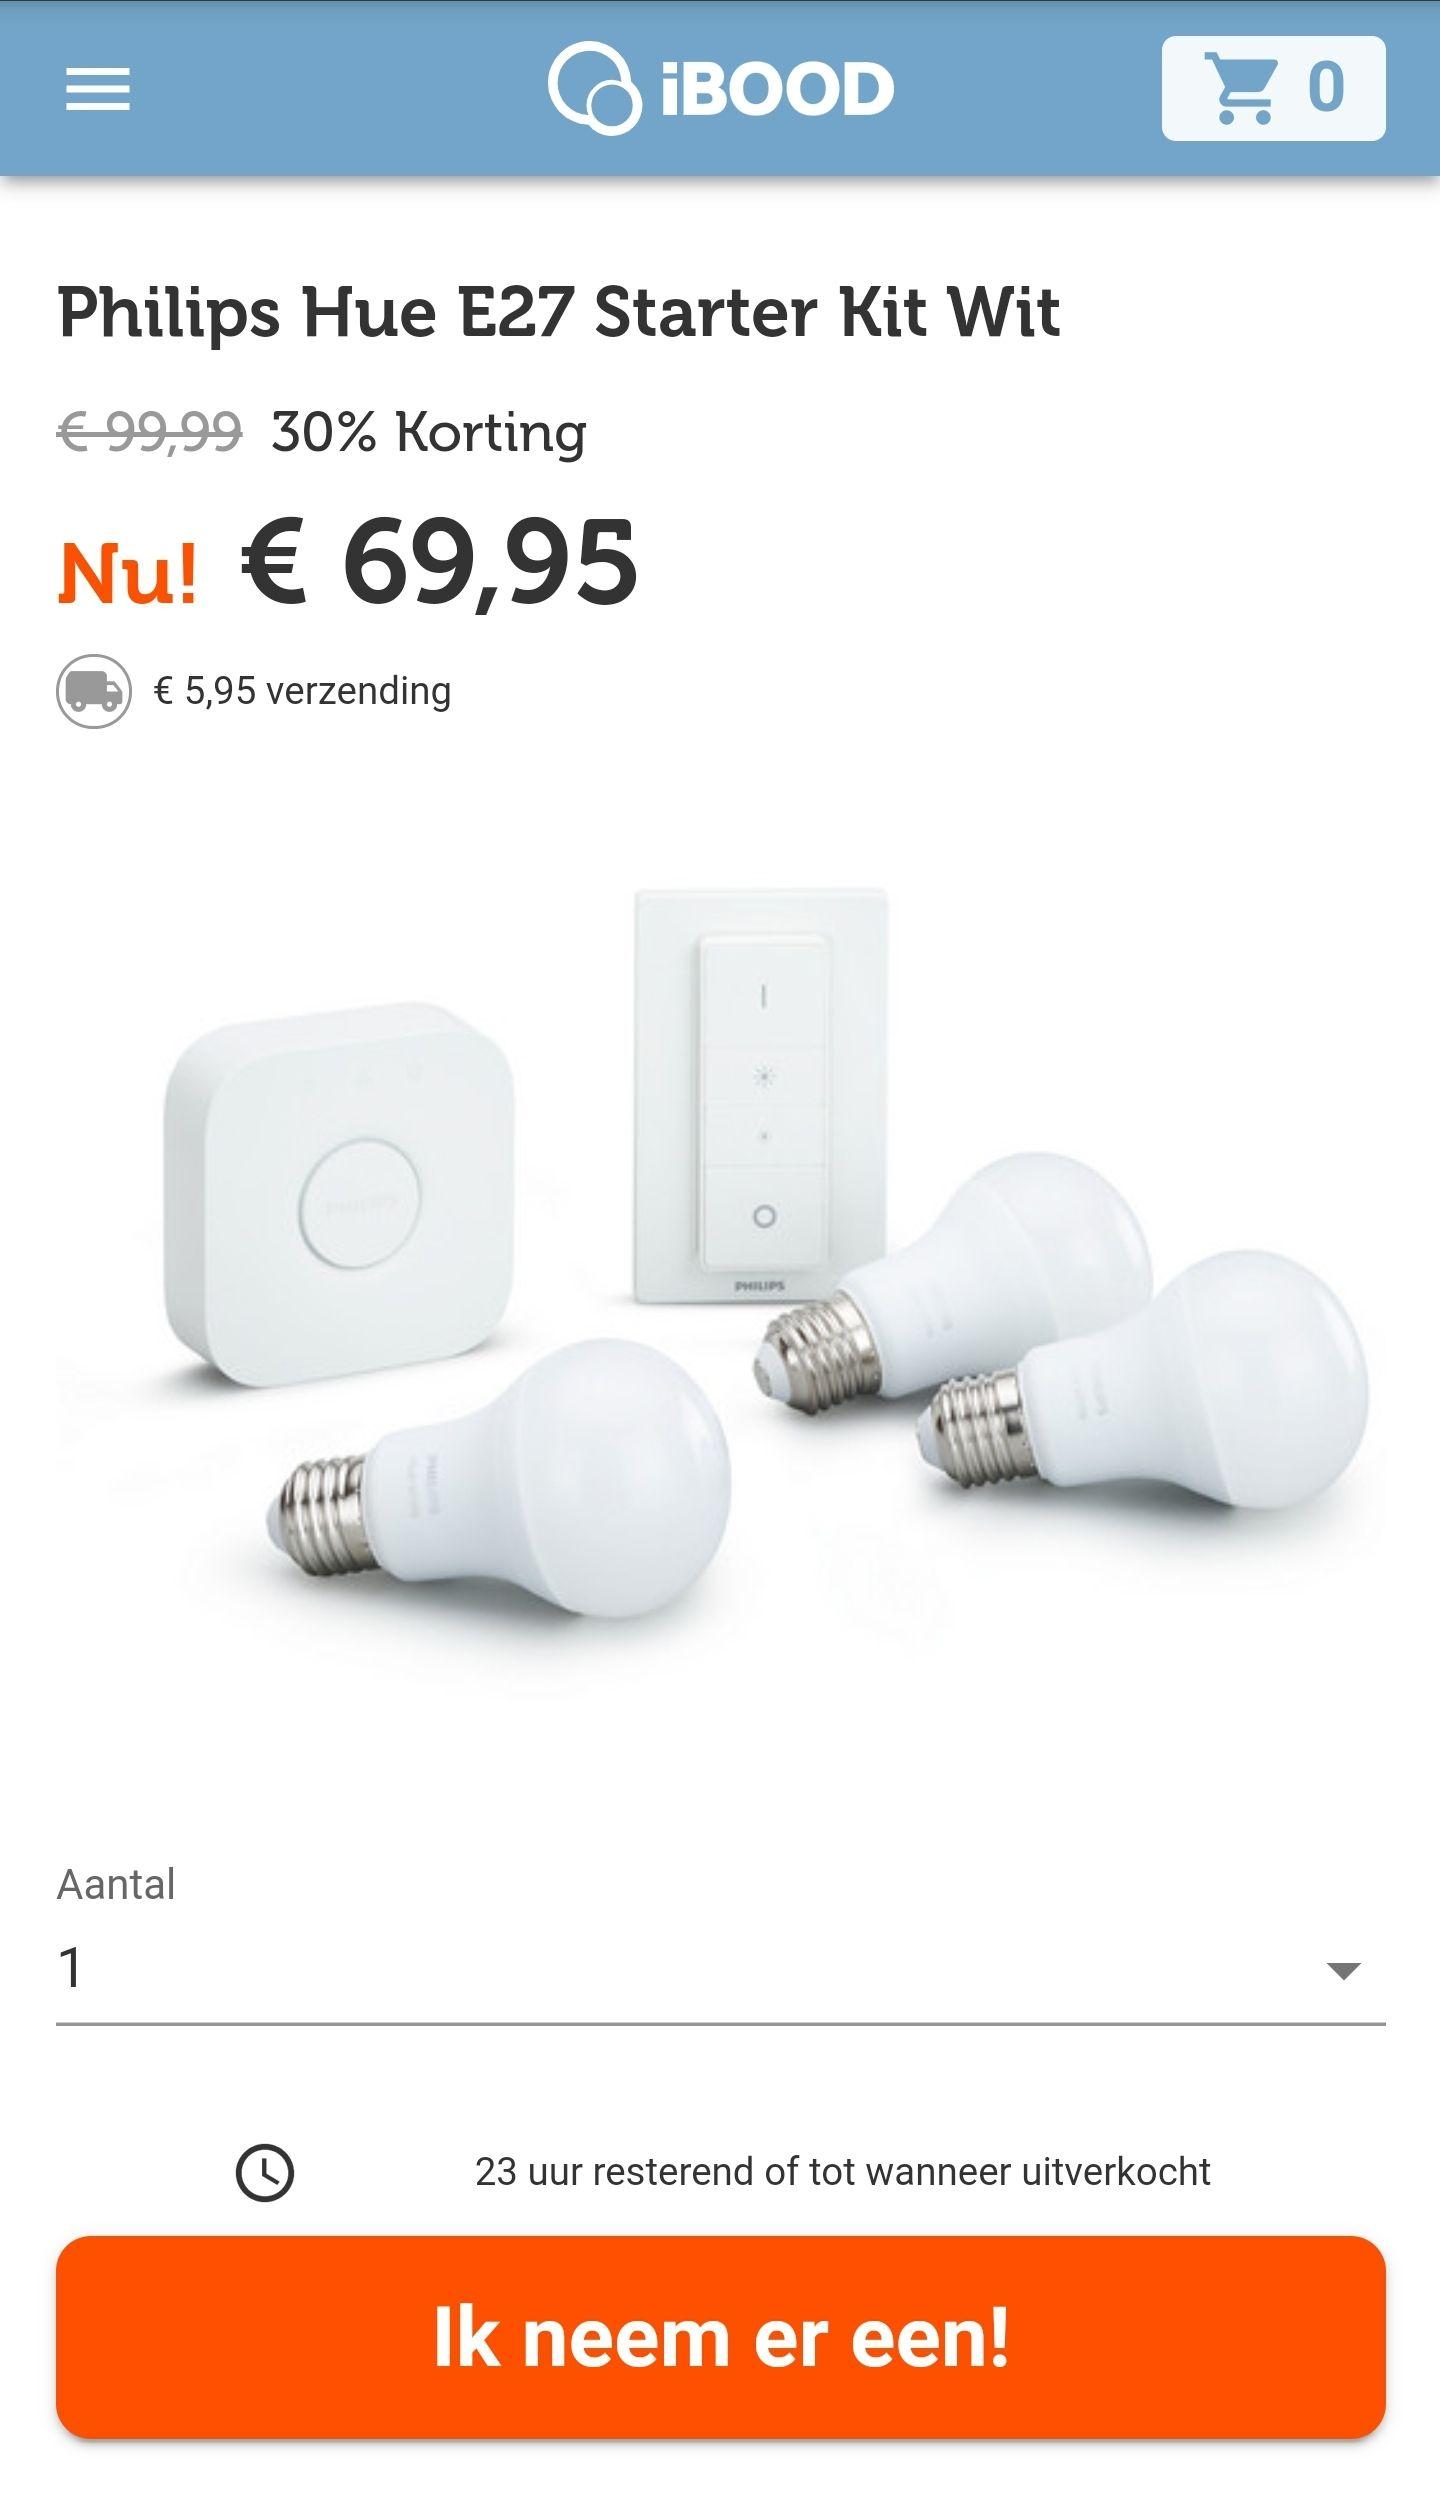 Philips Hue E27 Starter Kit Wit